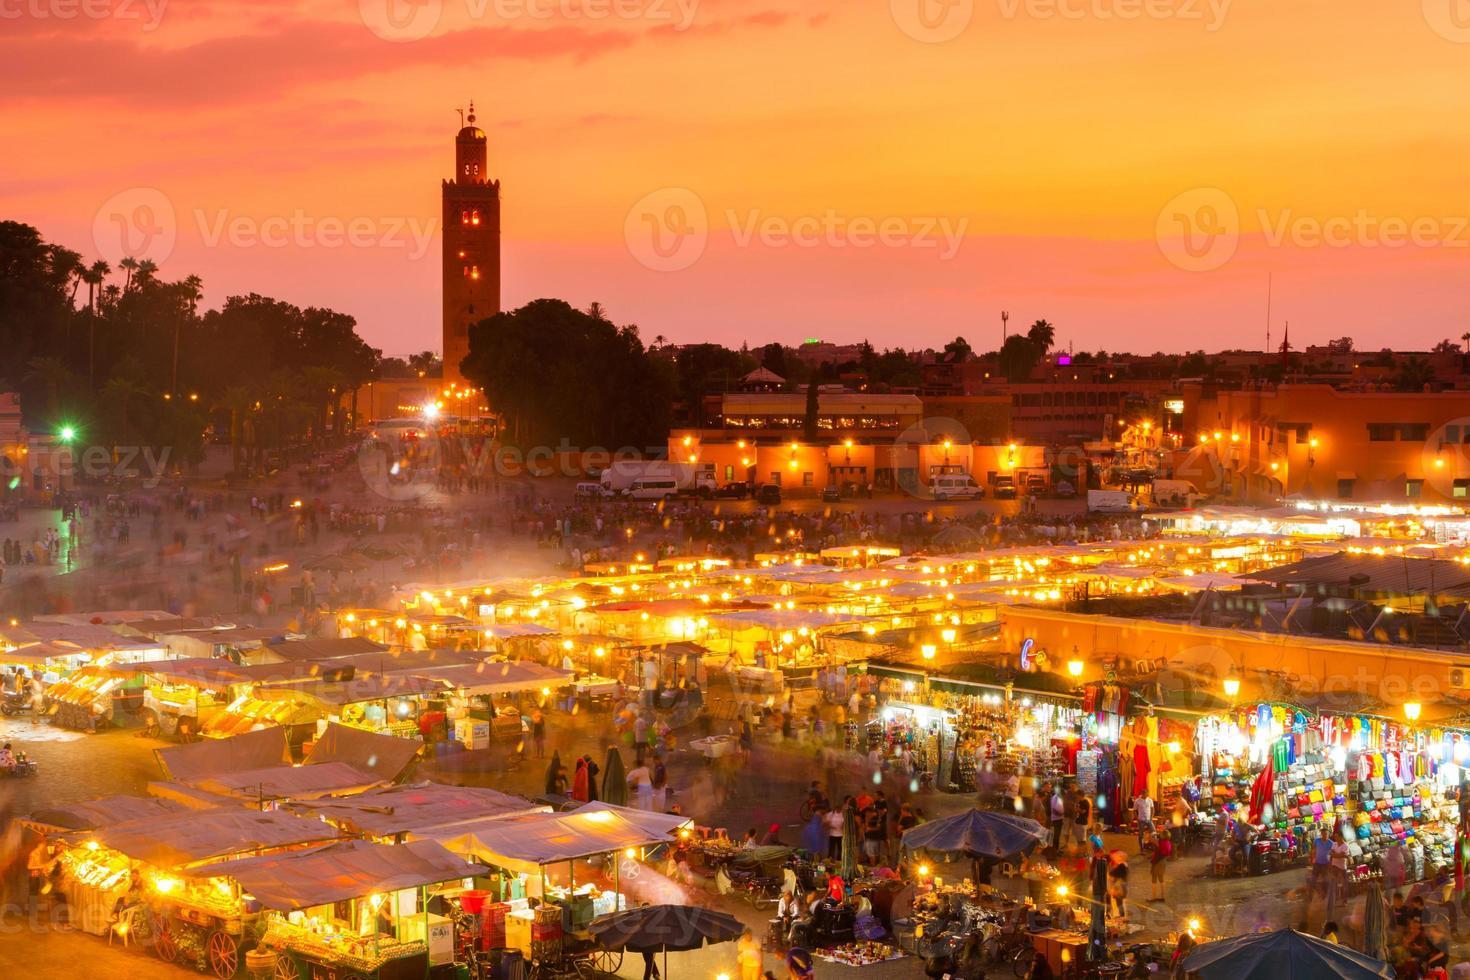 jamaa el fna, marrakesch, marokko. foto